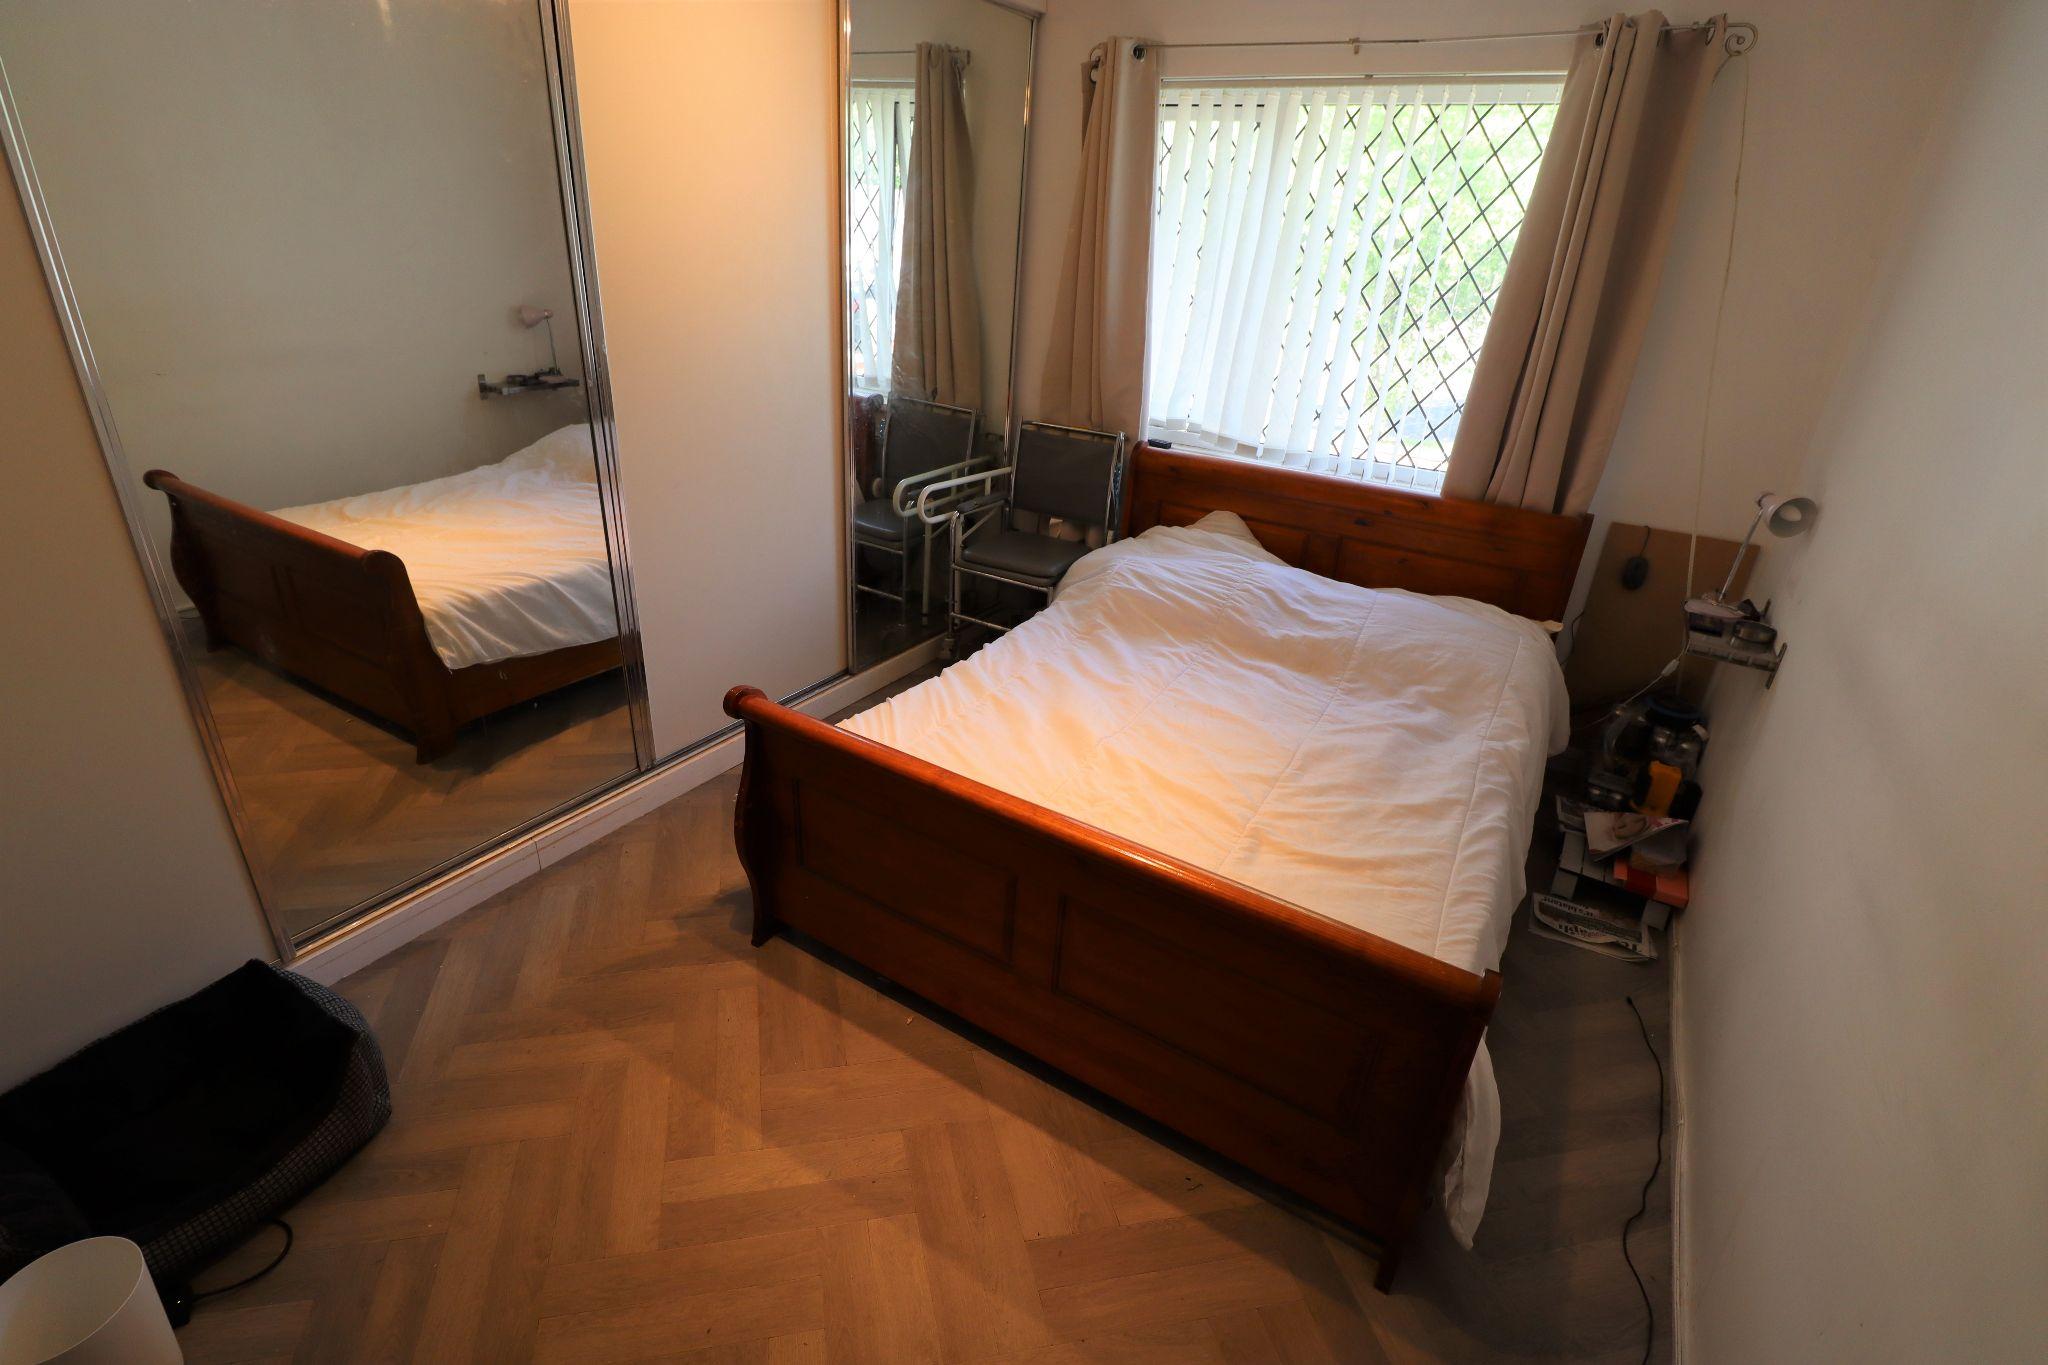 2 Bedroom Semi-detached Bungalow For Sale - Photograph 1